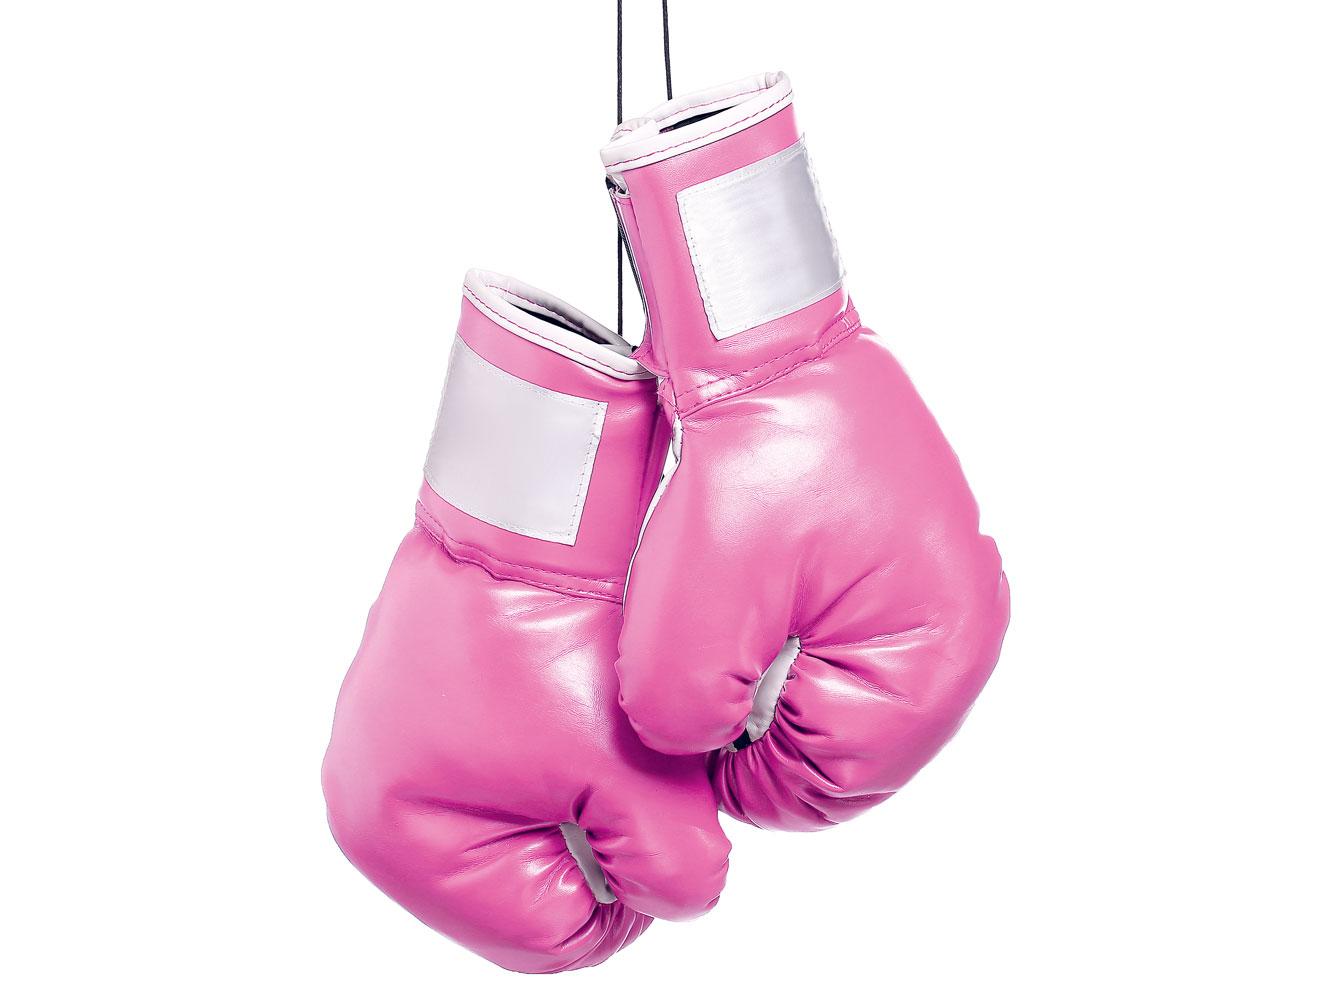 breast-cancer preventionjpg